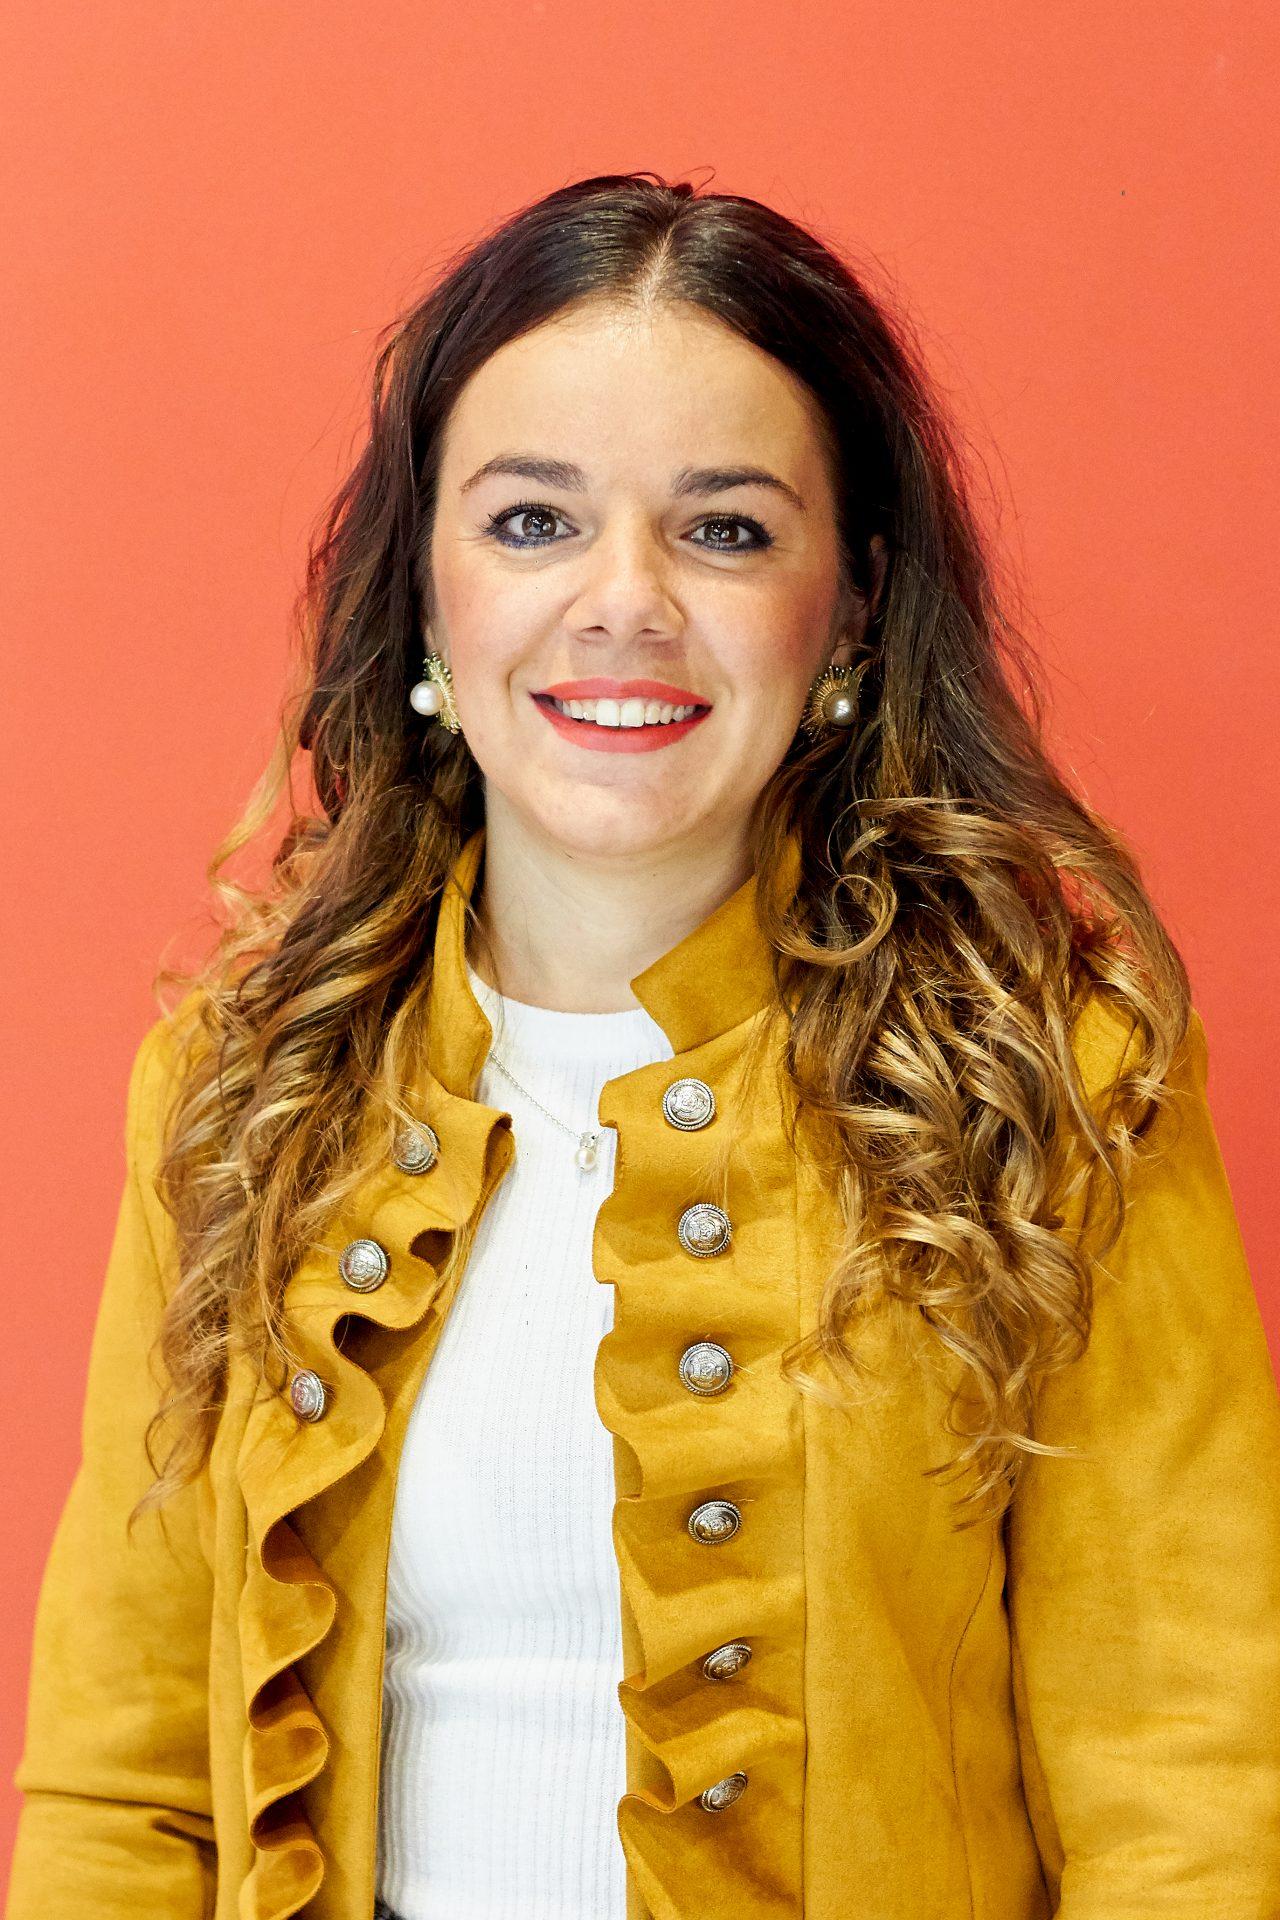 Mónica Ronco Bargueño